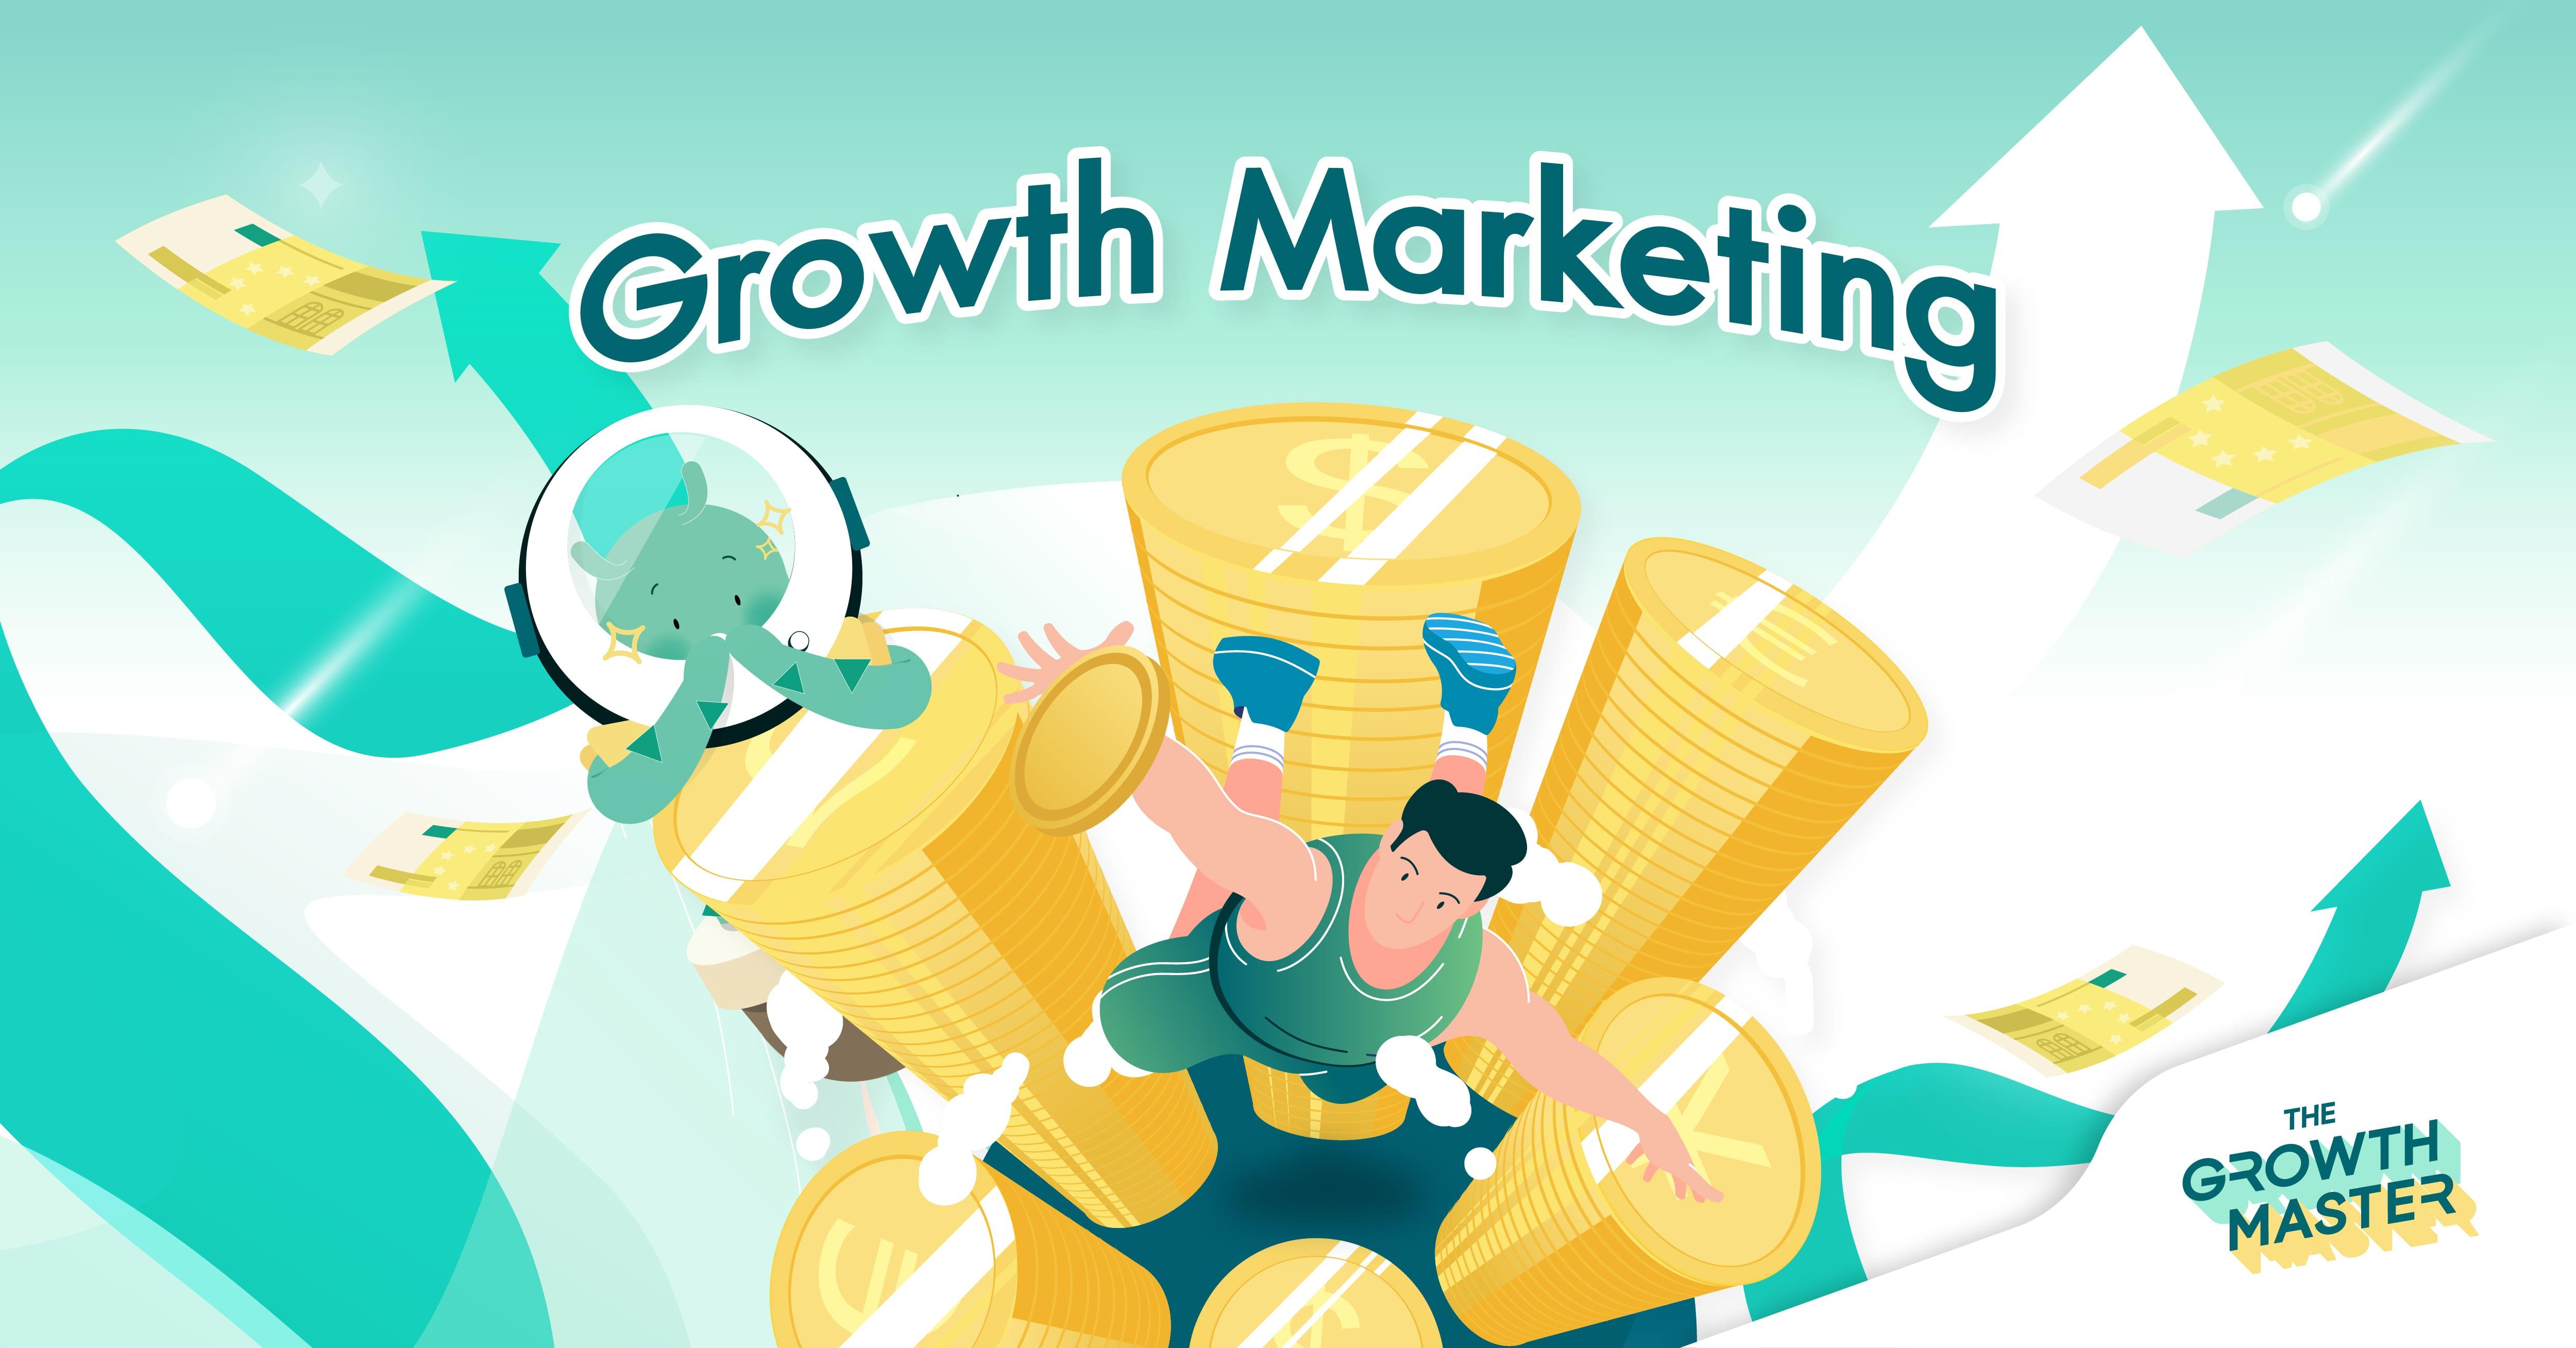 Growth Marketing คืออะไร? ทำไมถึงเป็นศาสตร์การตลาดเพื่อการเติบโตของธุรกิจที่คุณต้องรู้